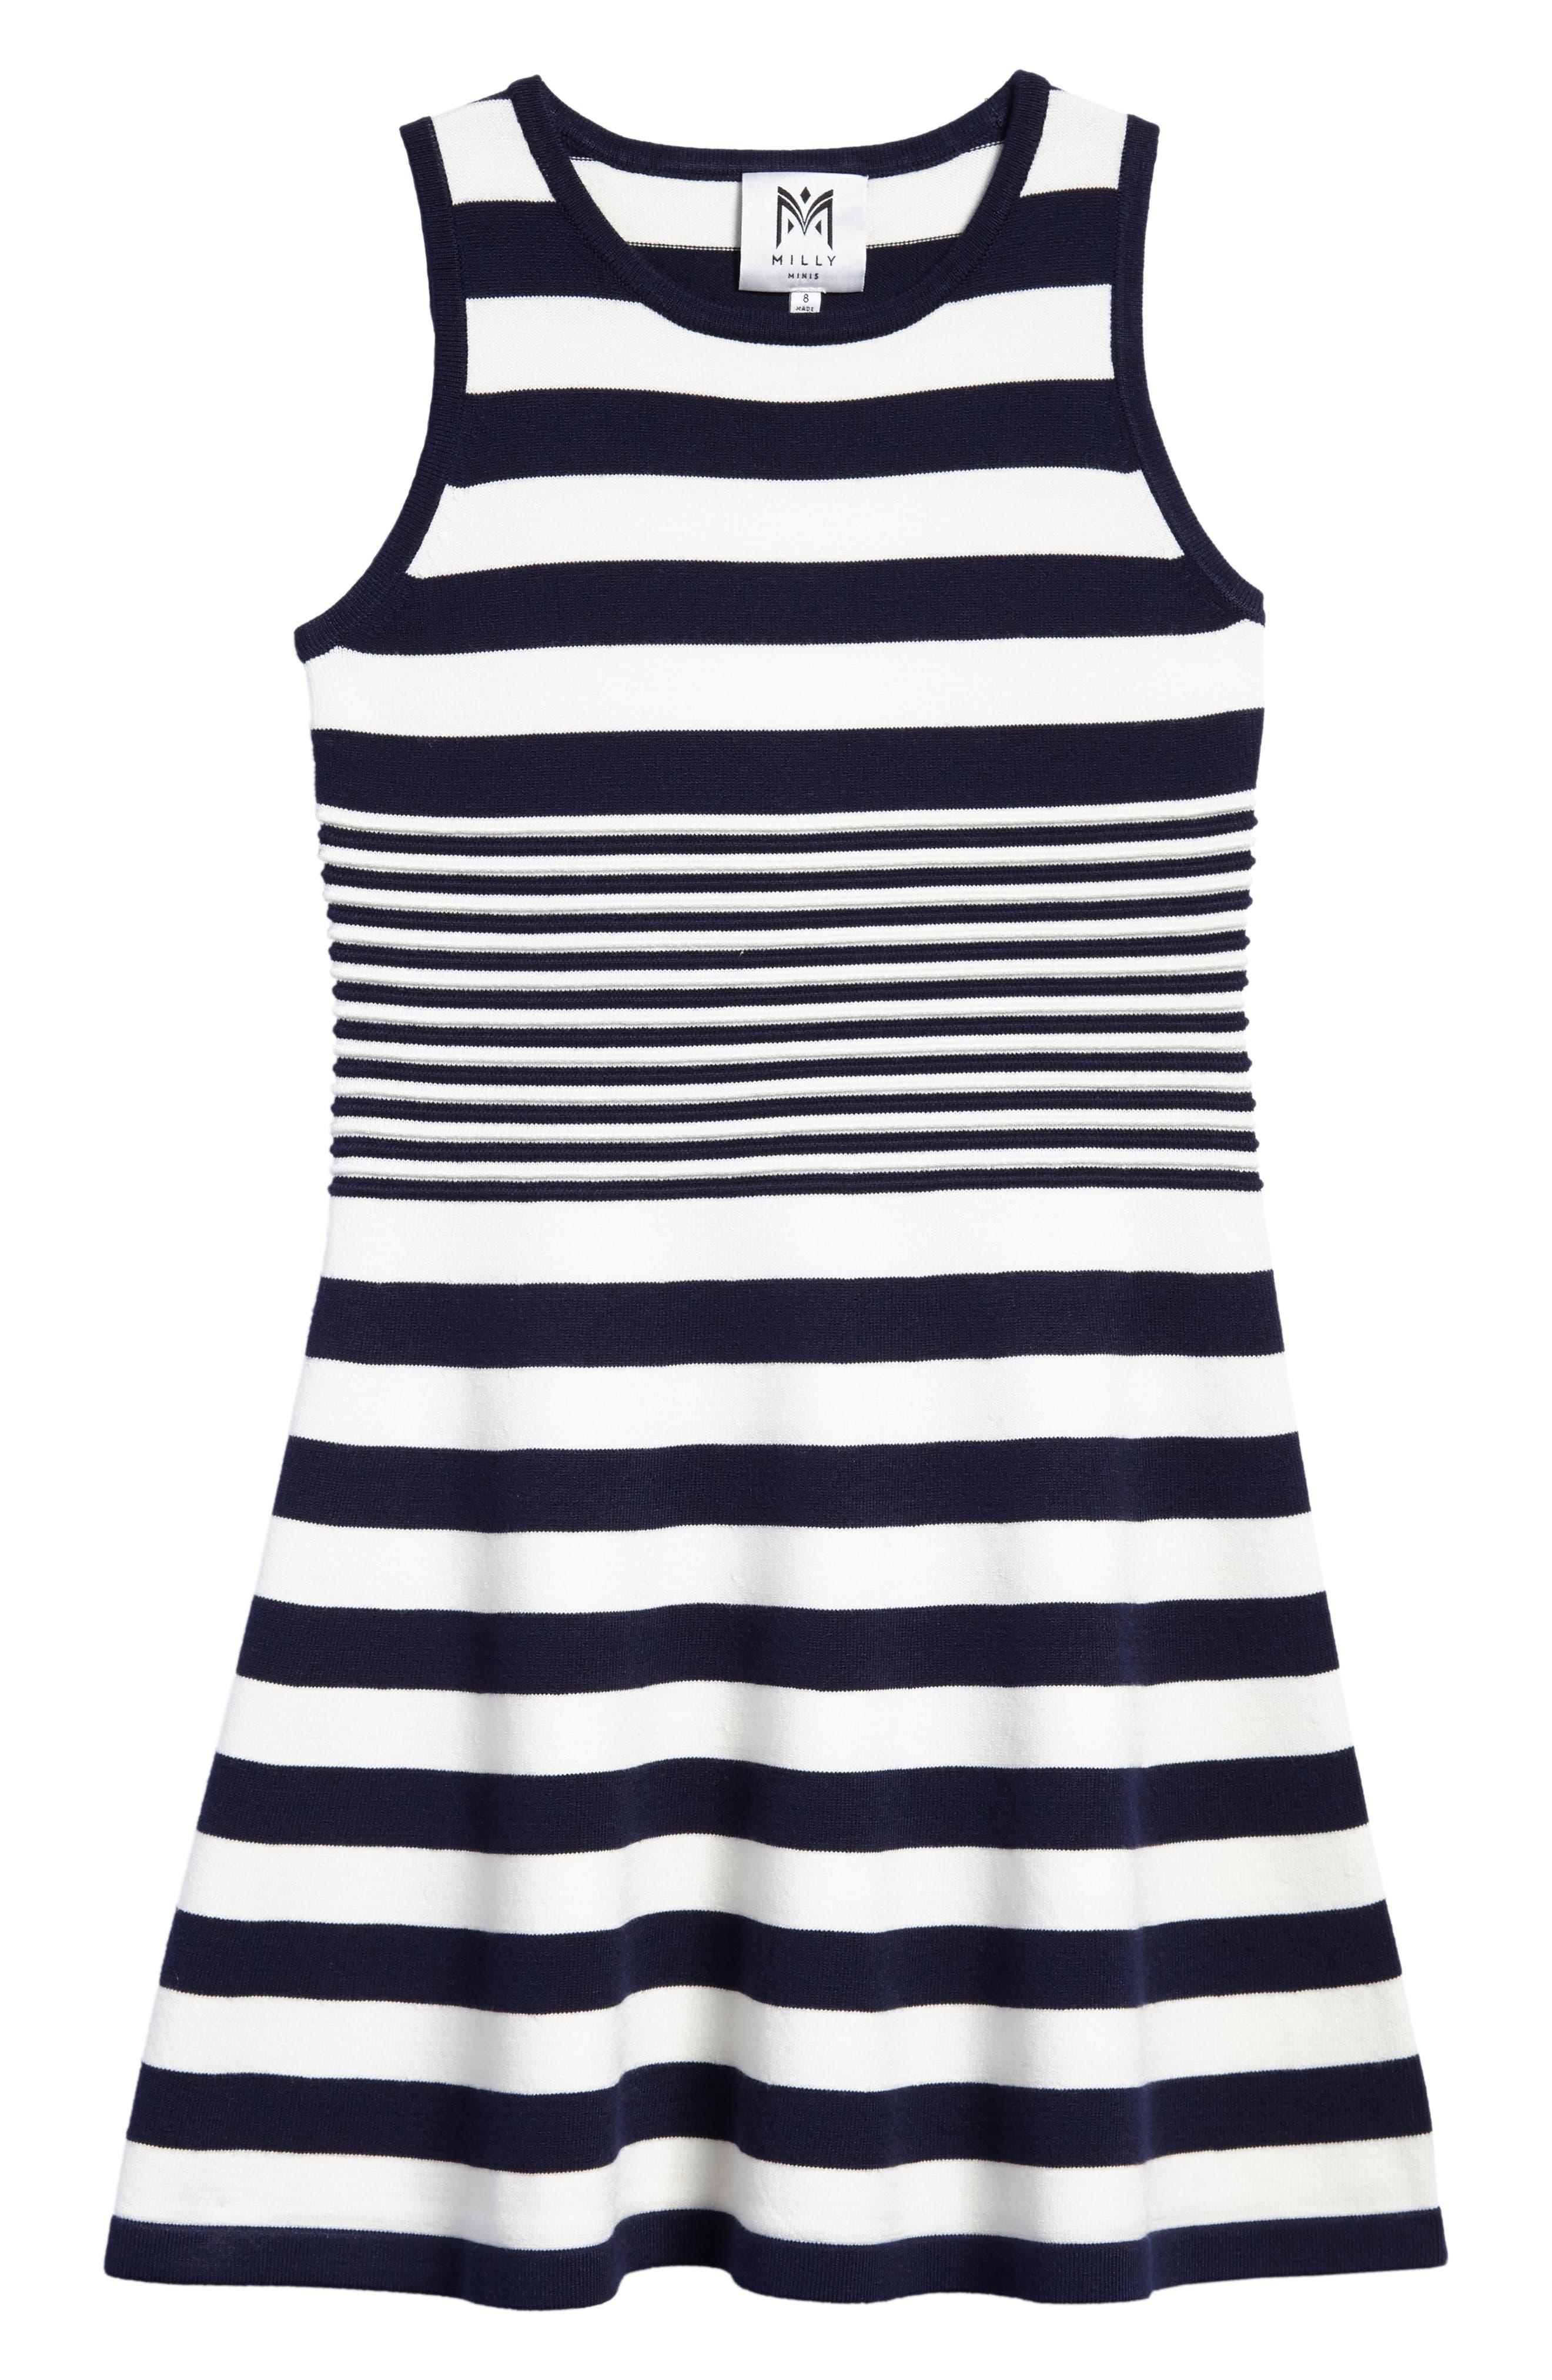 Stripe Sleeveless Dress,                         Main,                         color, White/ Navy